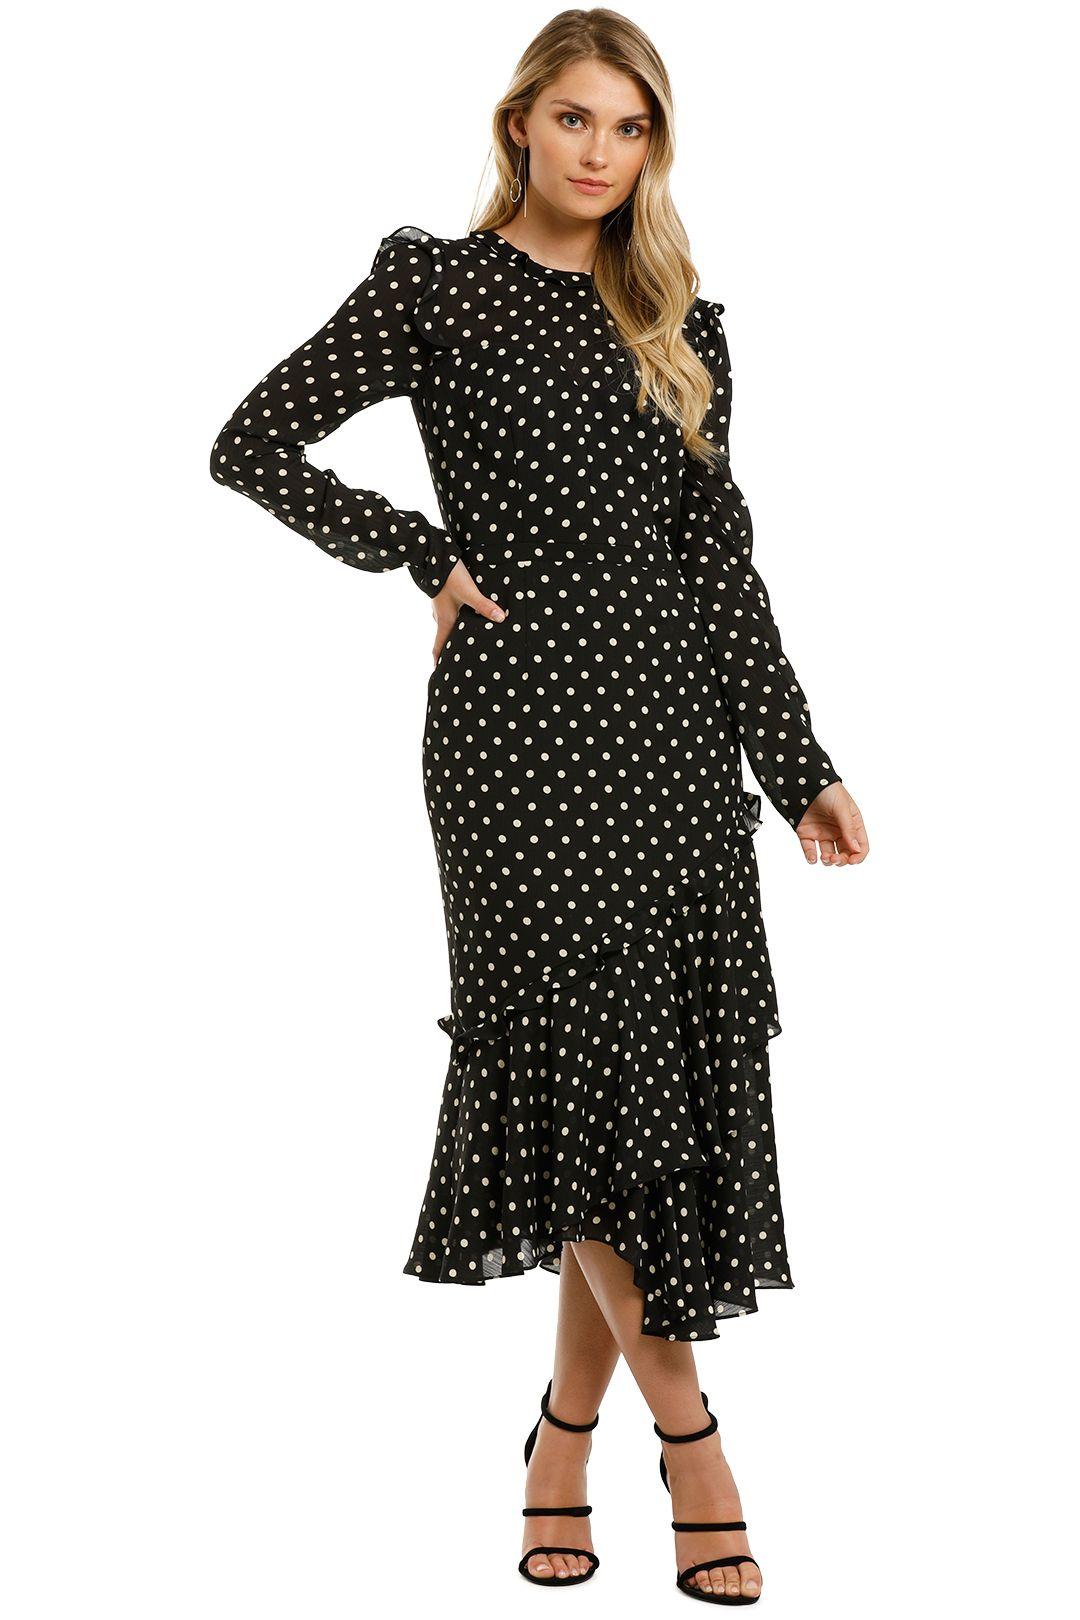 Cooper-St-Magnolia-Polka-Dot-Midi-Dress-Black-Front